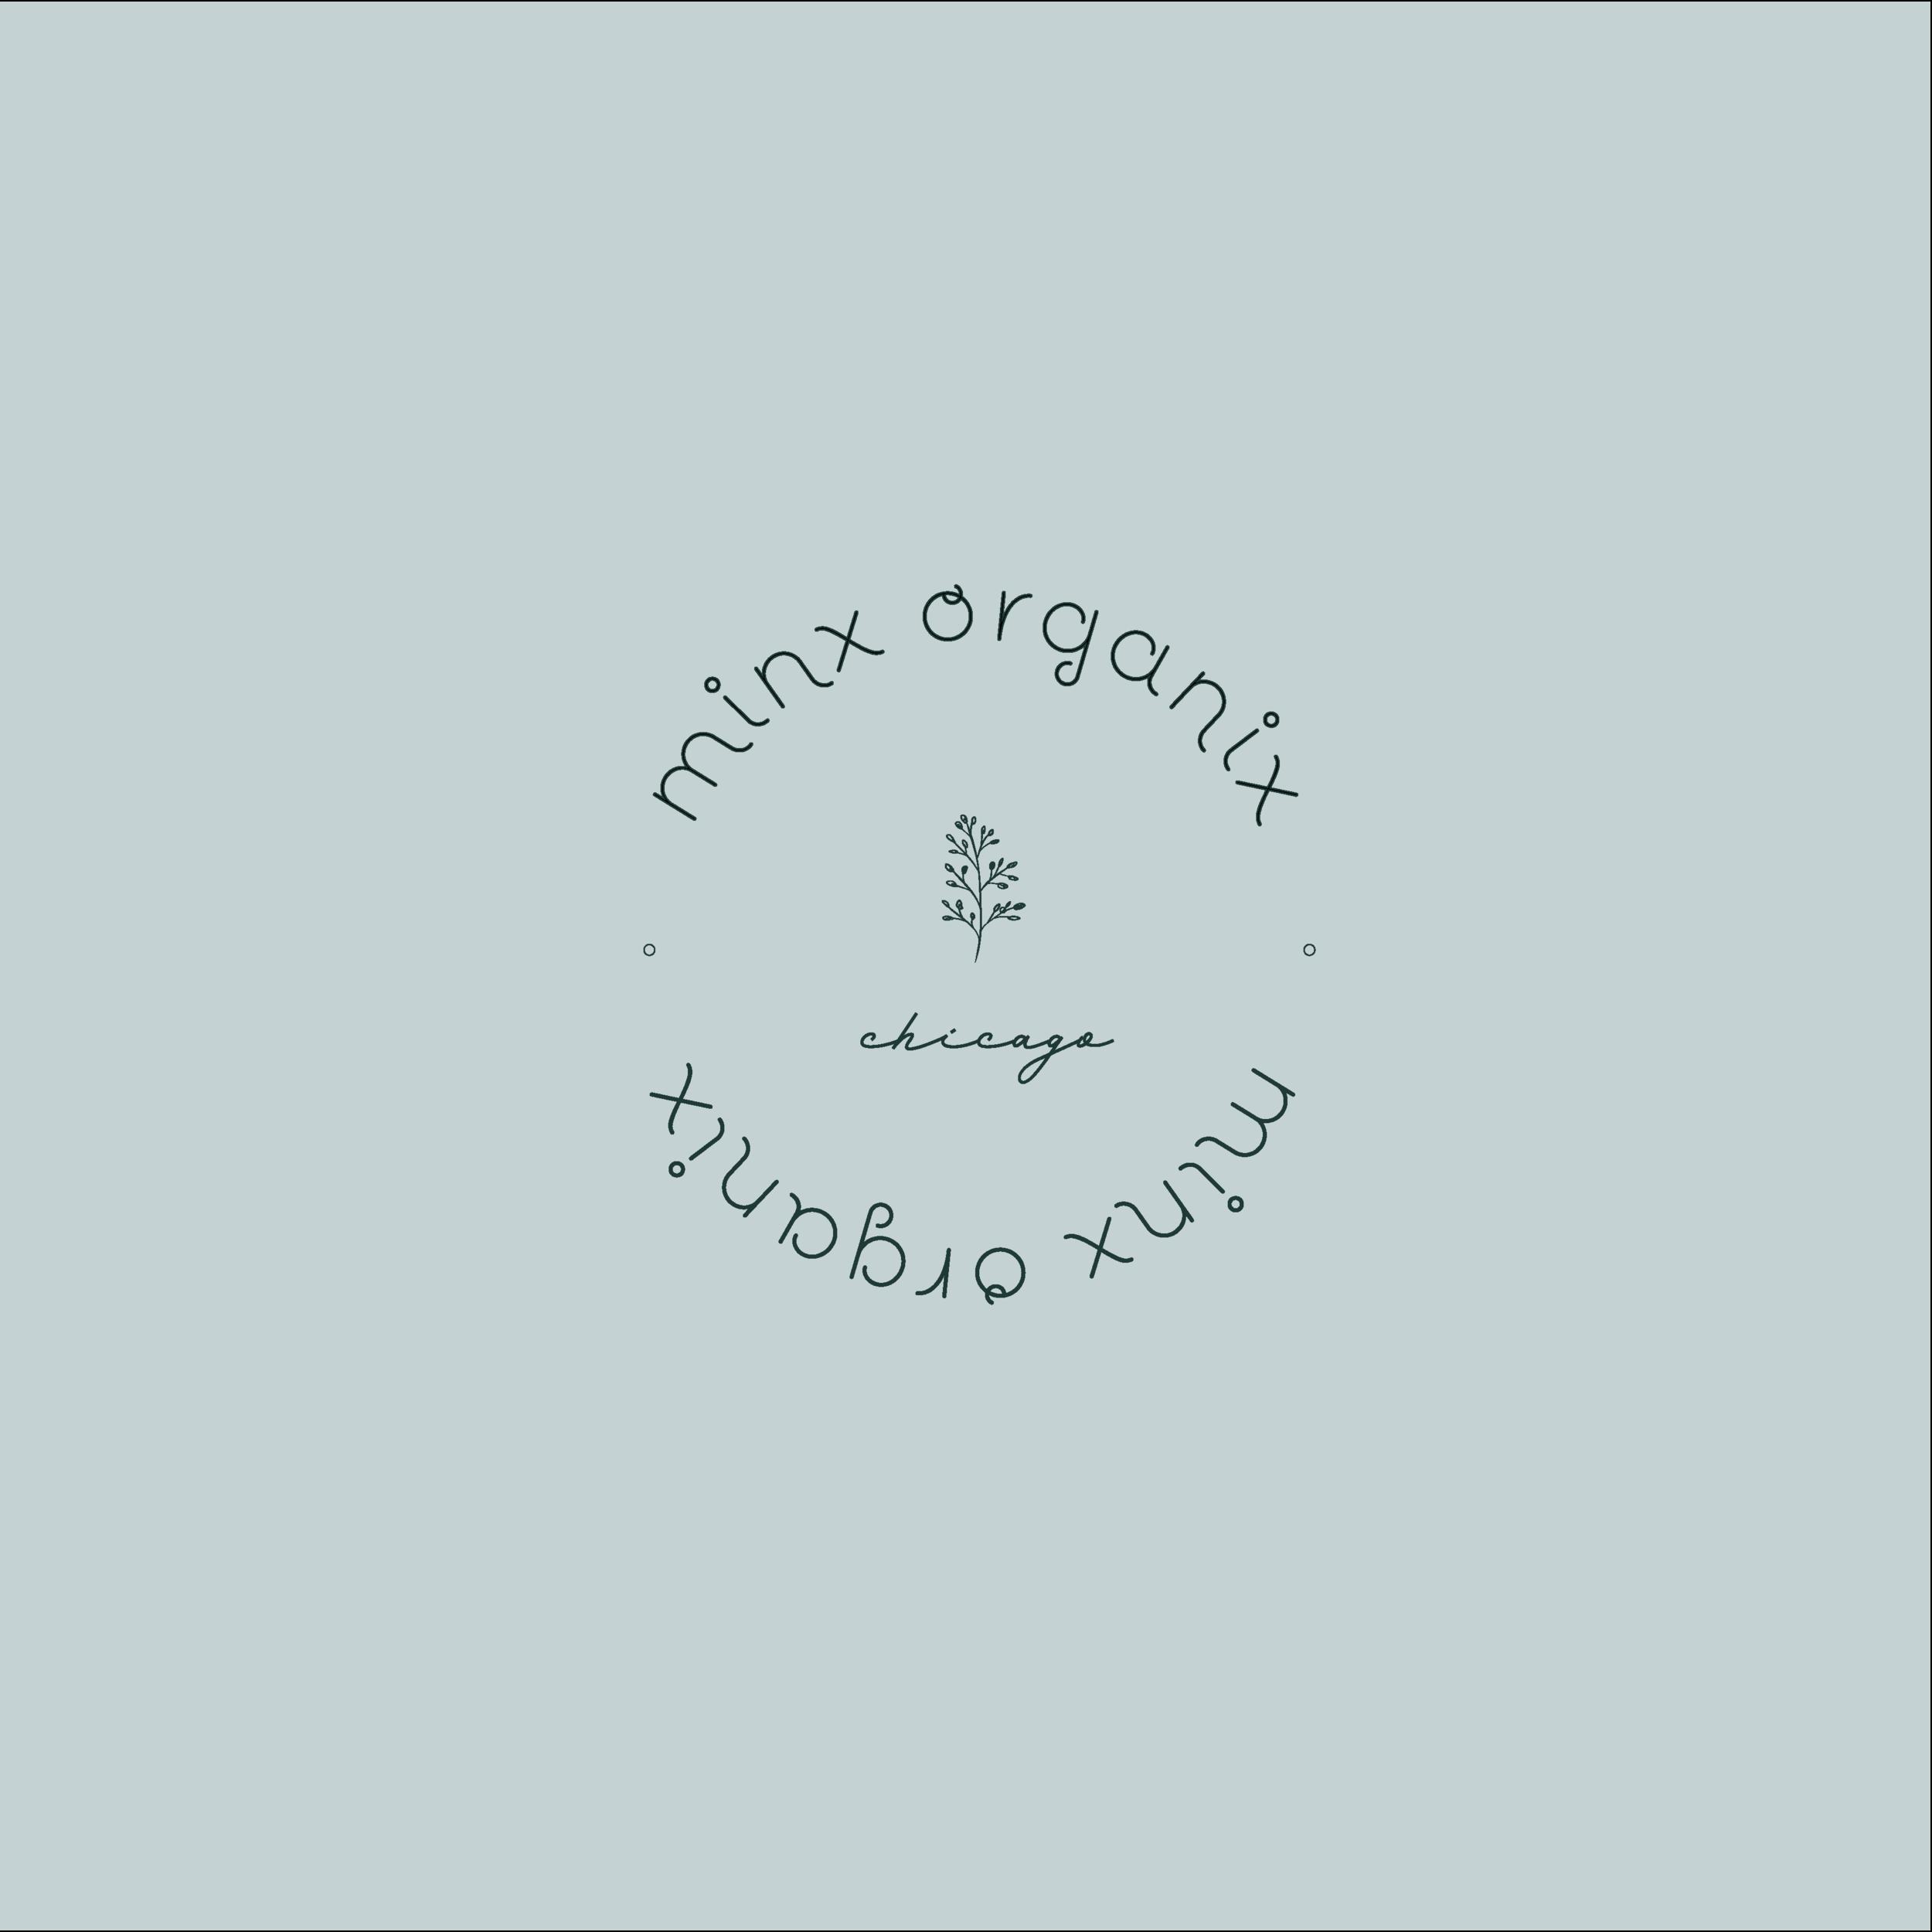 minx organics-01.png